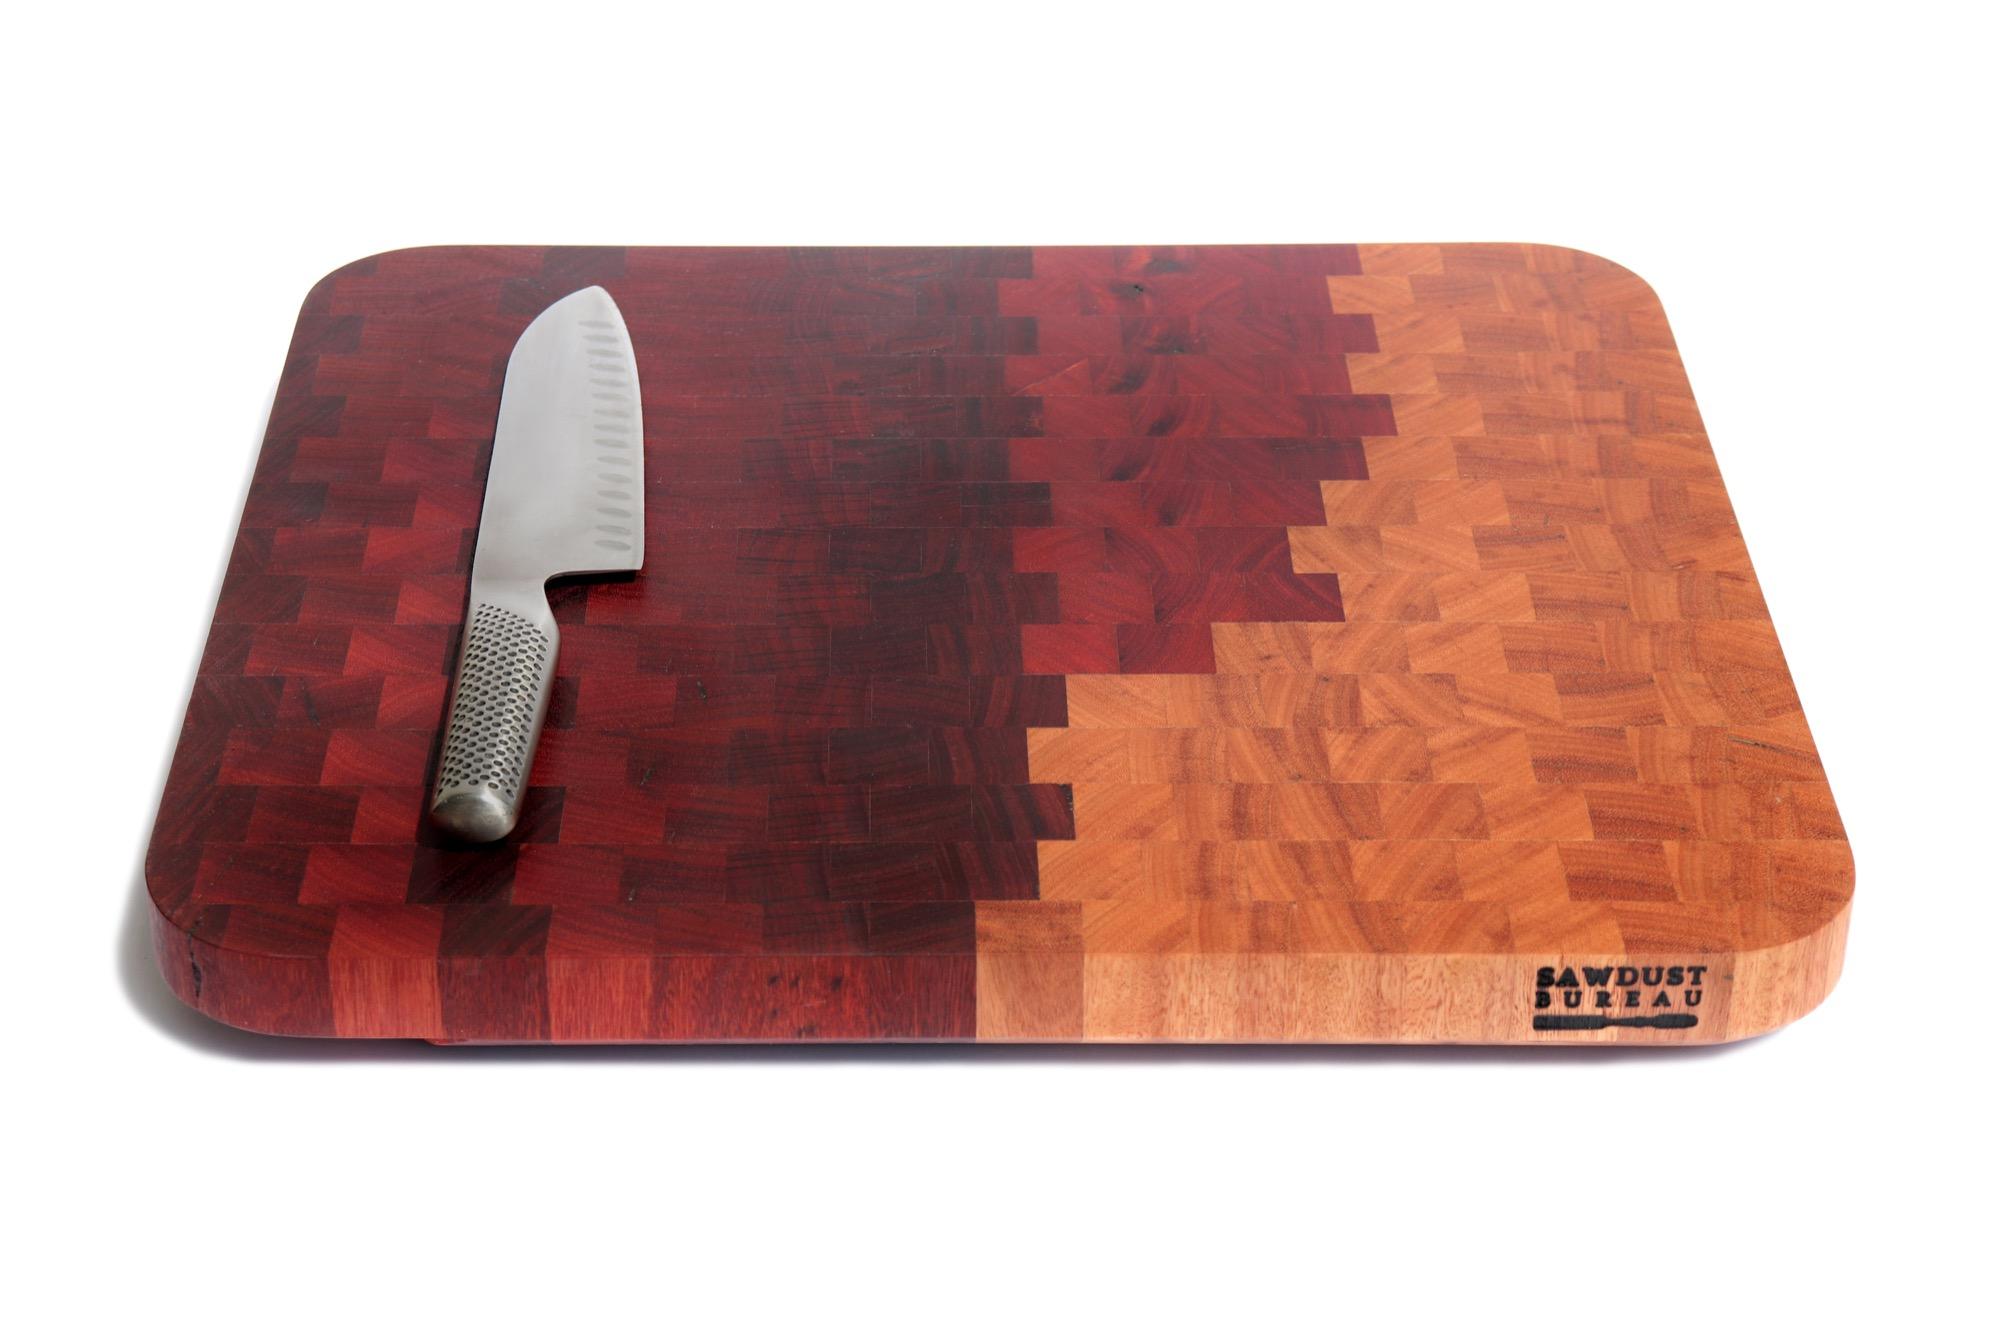 Pixel Board by Sawdust Bureau 00